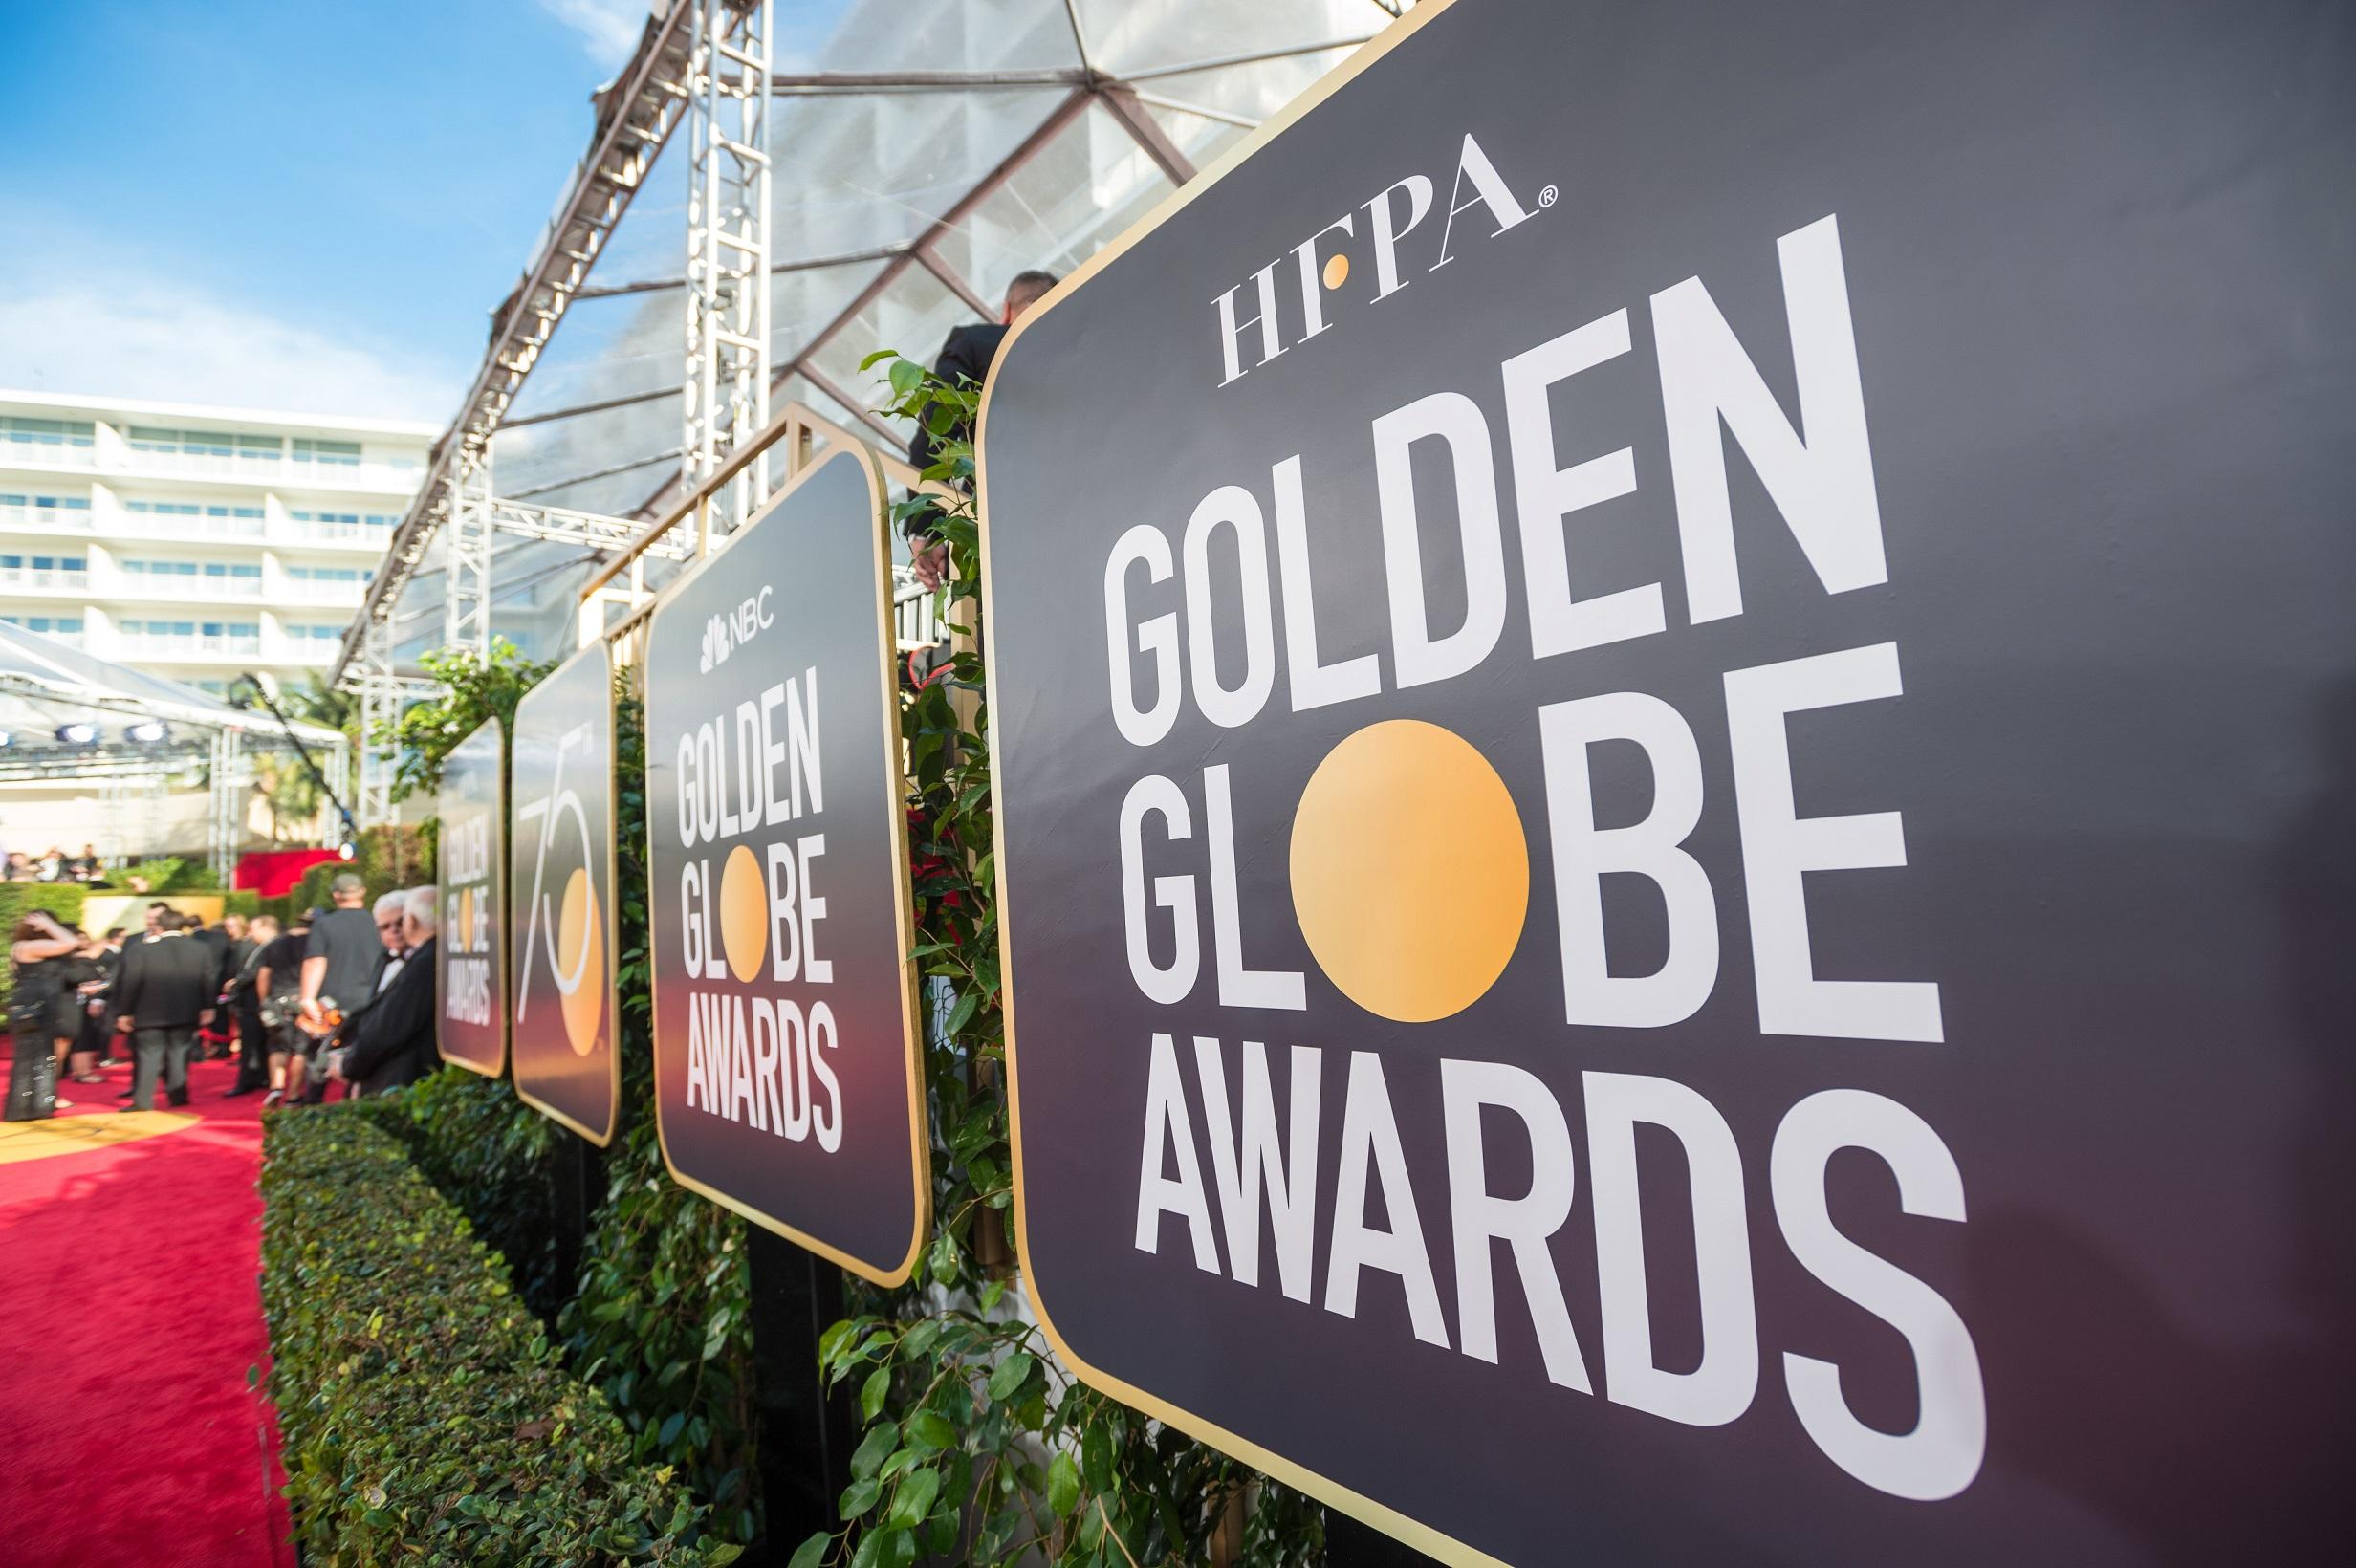 76th Annual Golden Globes Awards acontece 6 de janeiro